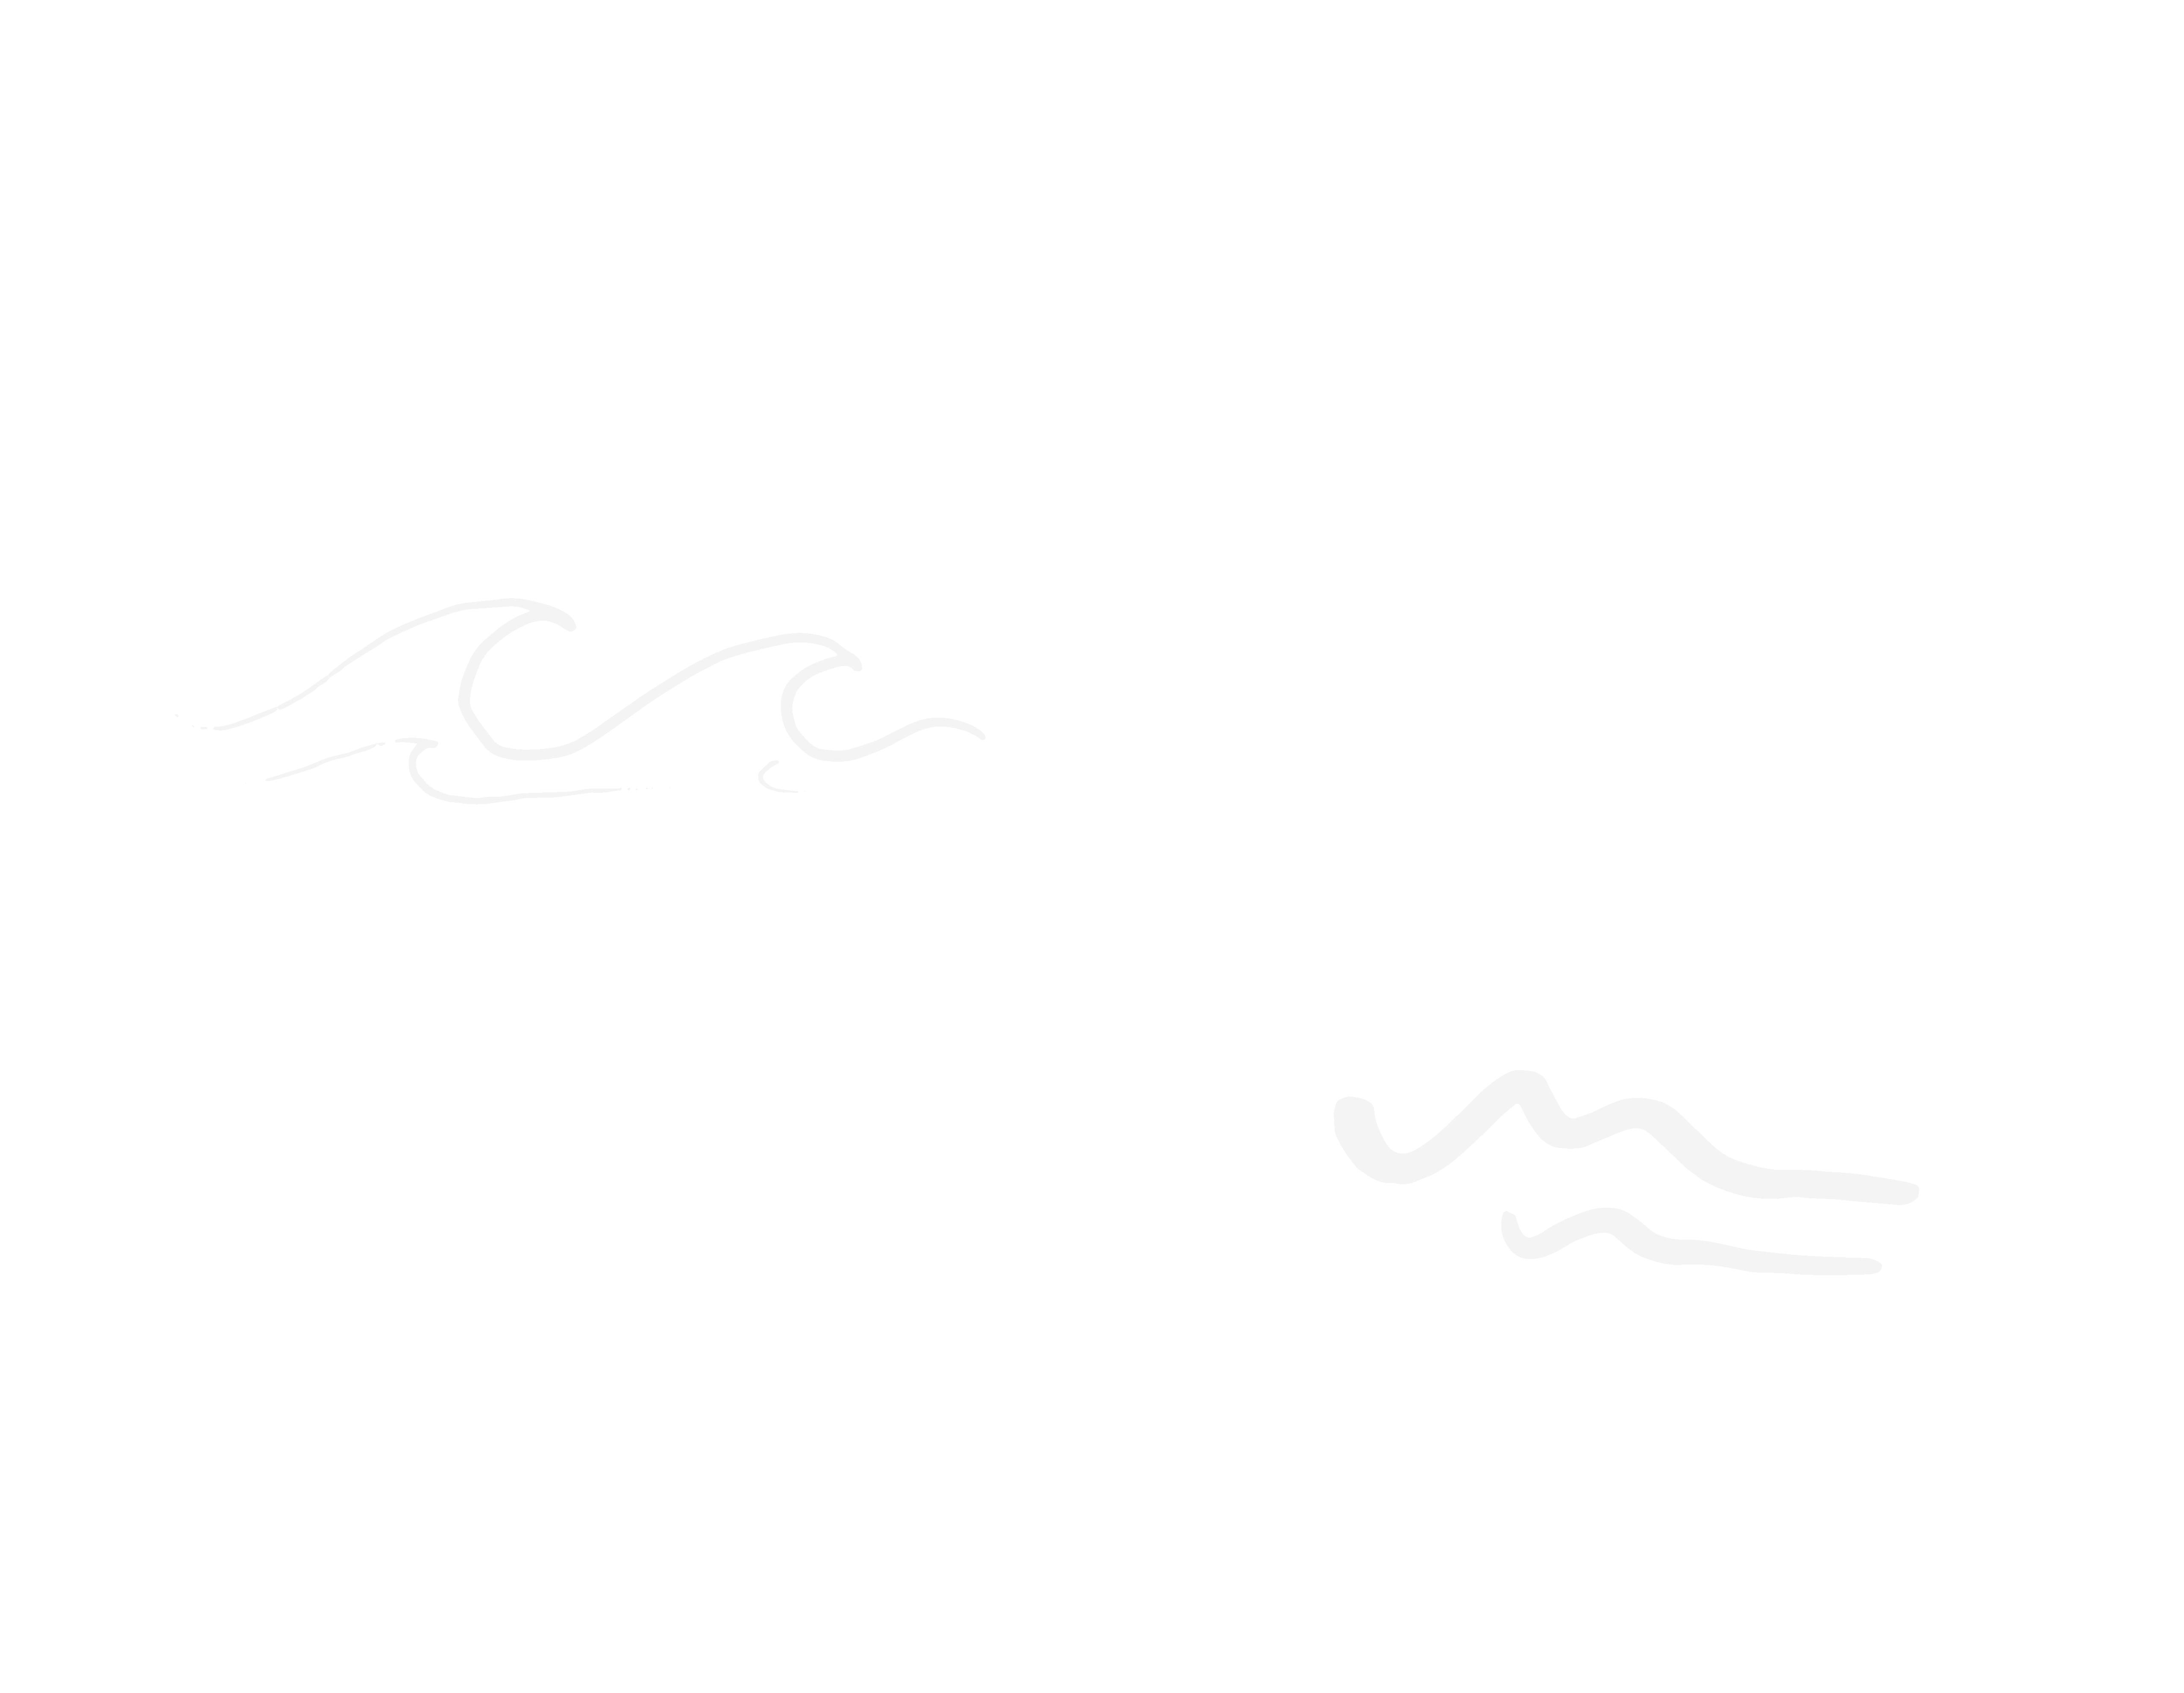 vagues-temoignage